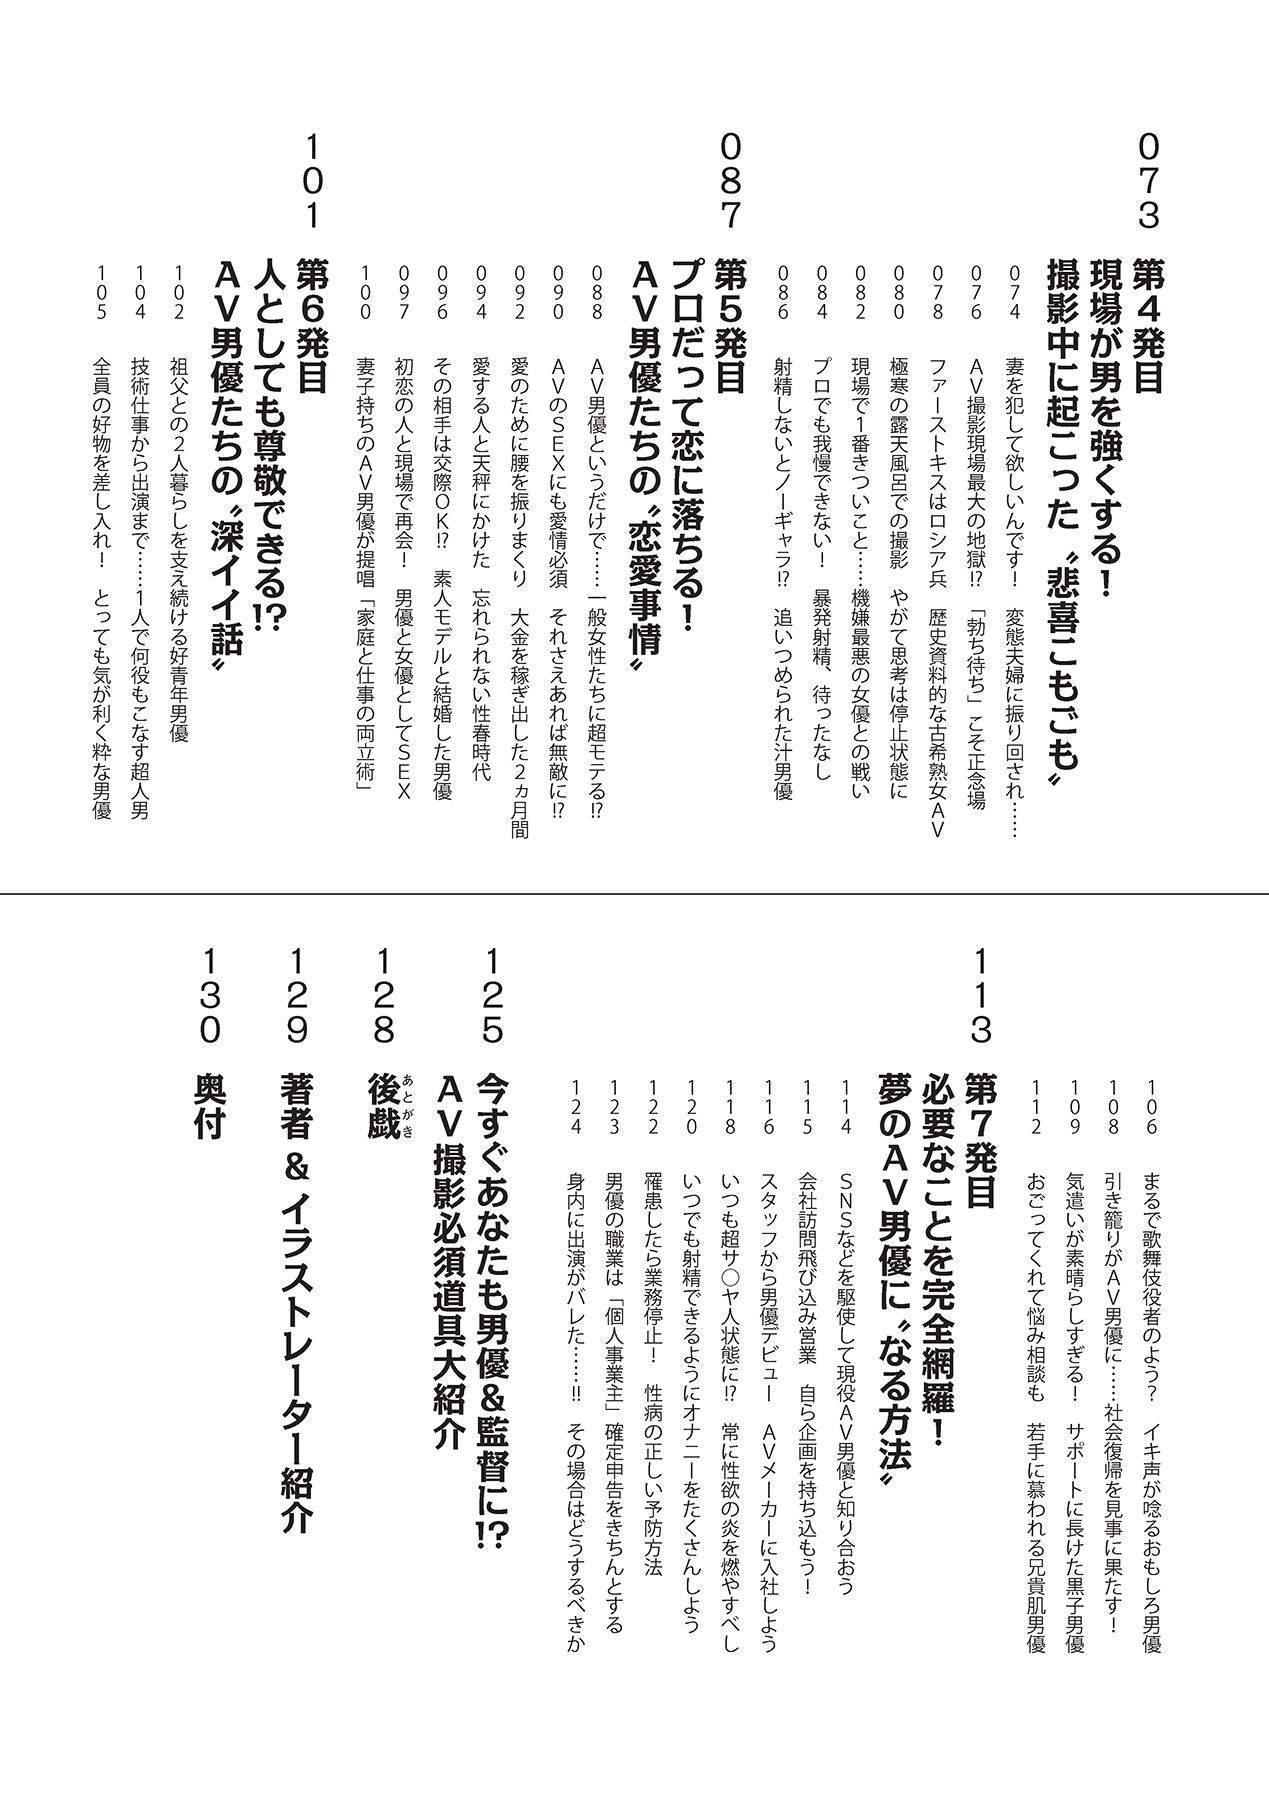 AV男優になろう! イラスト版 ヤリすぎッ! 4